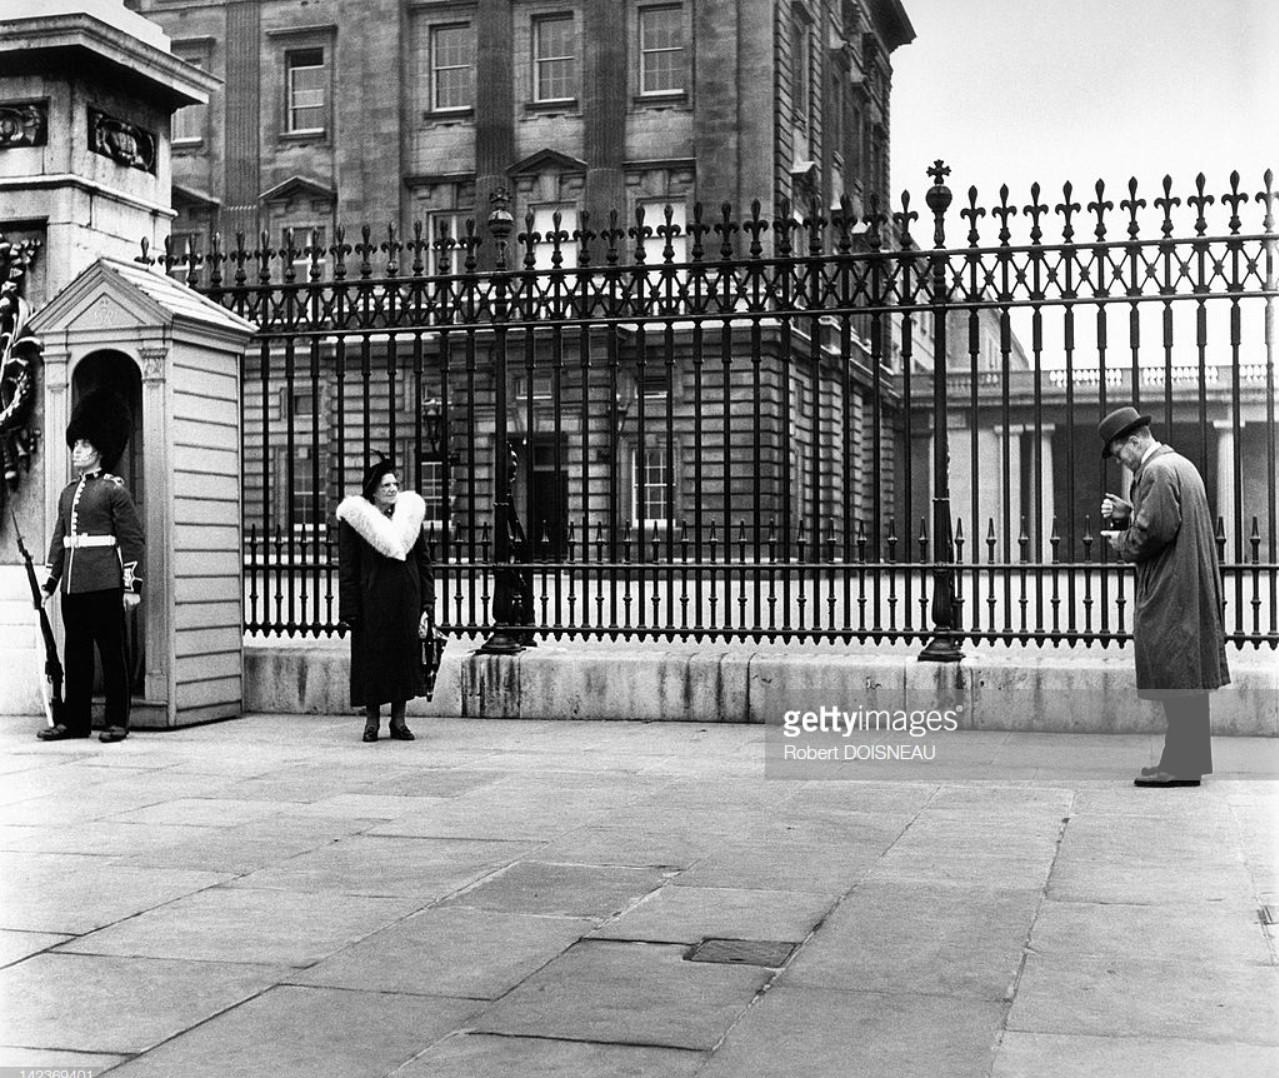 1950. Человек фотографирует перед Букингемским дворцом, Лондон